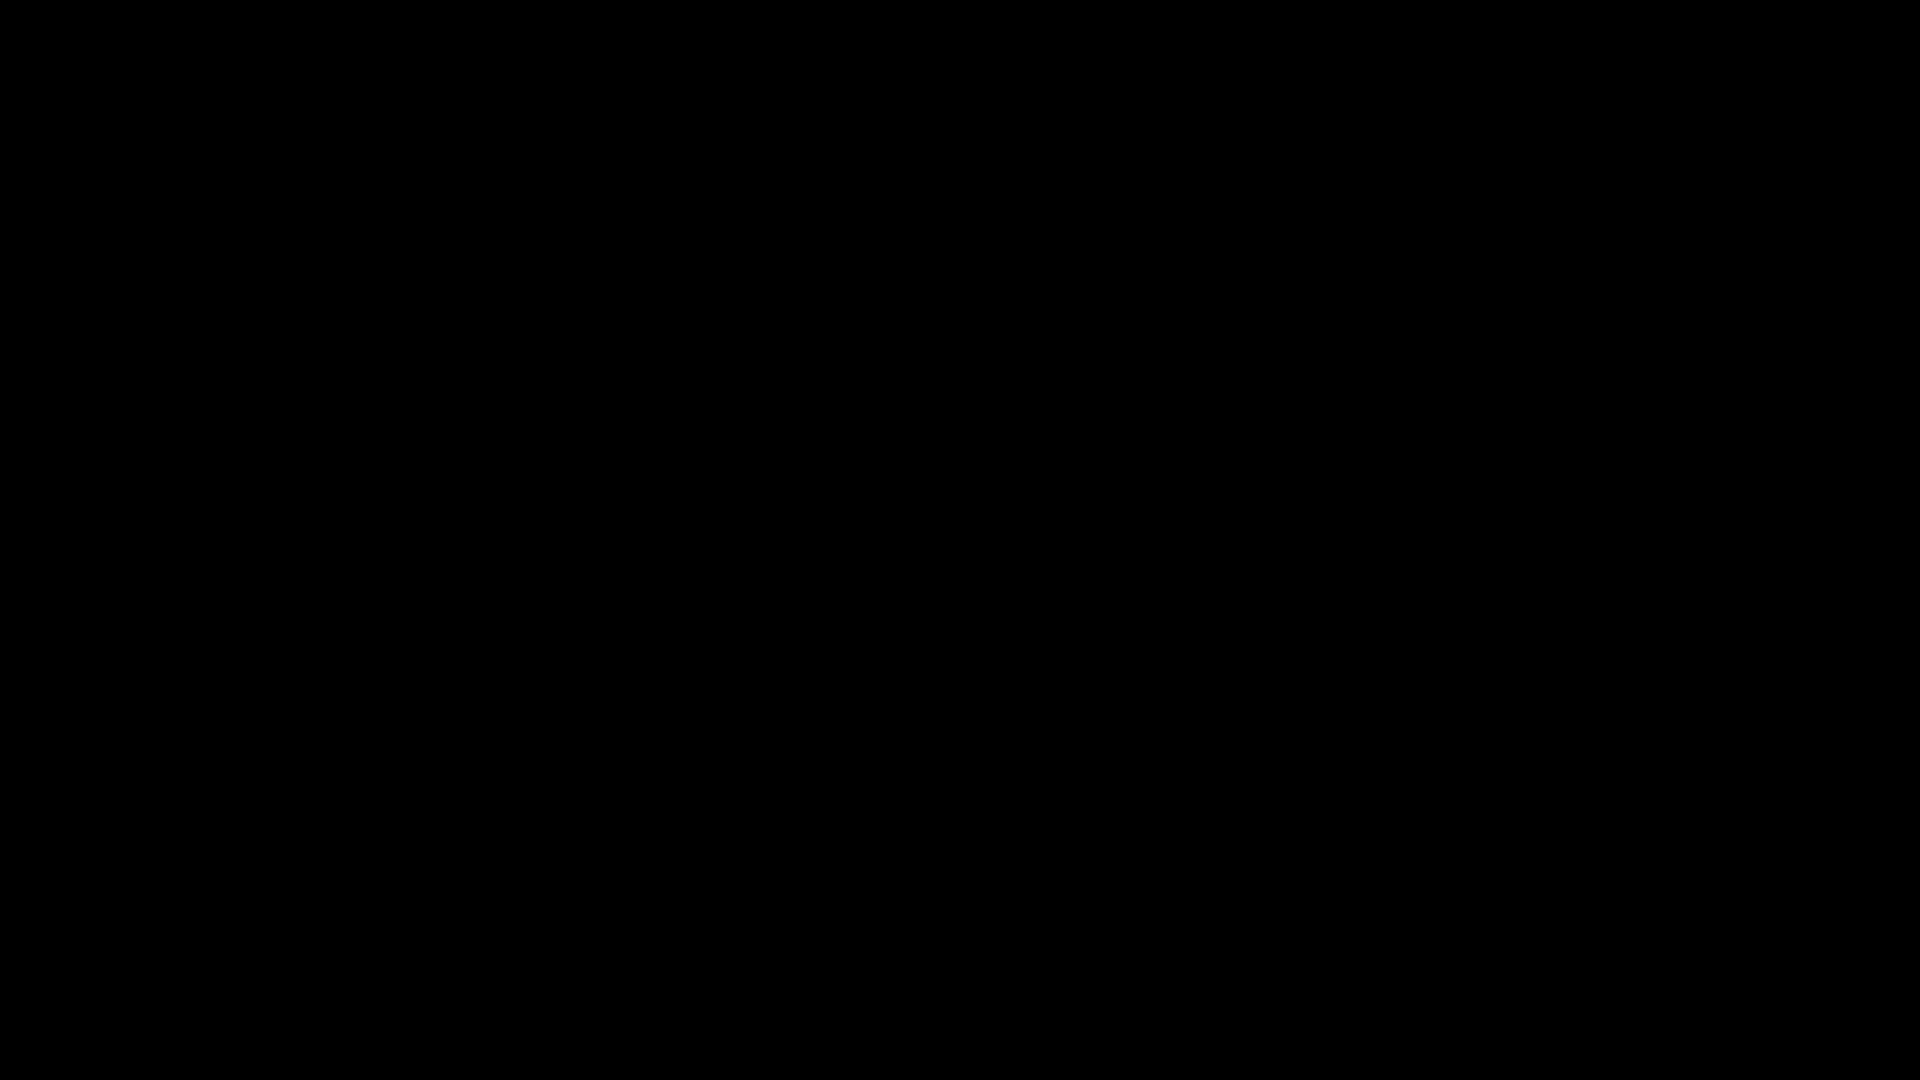 gtaonline, E.T Phone Home GIFs